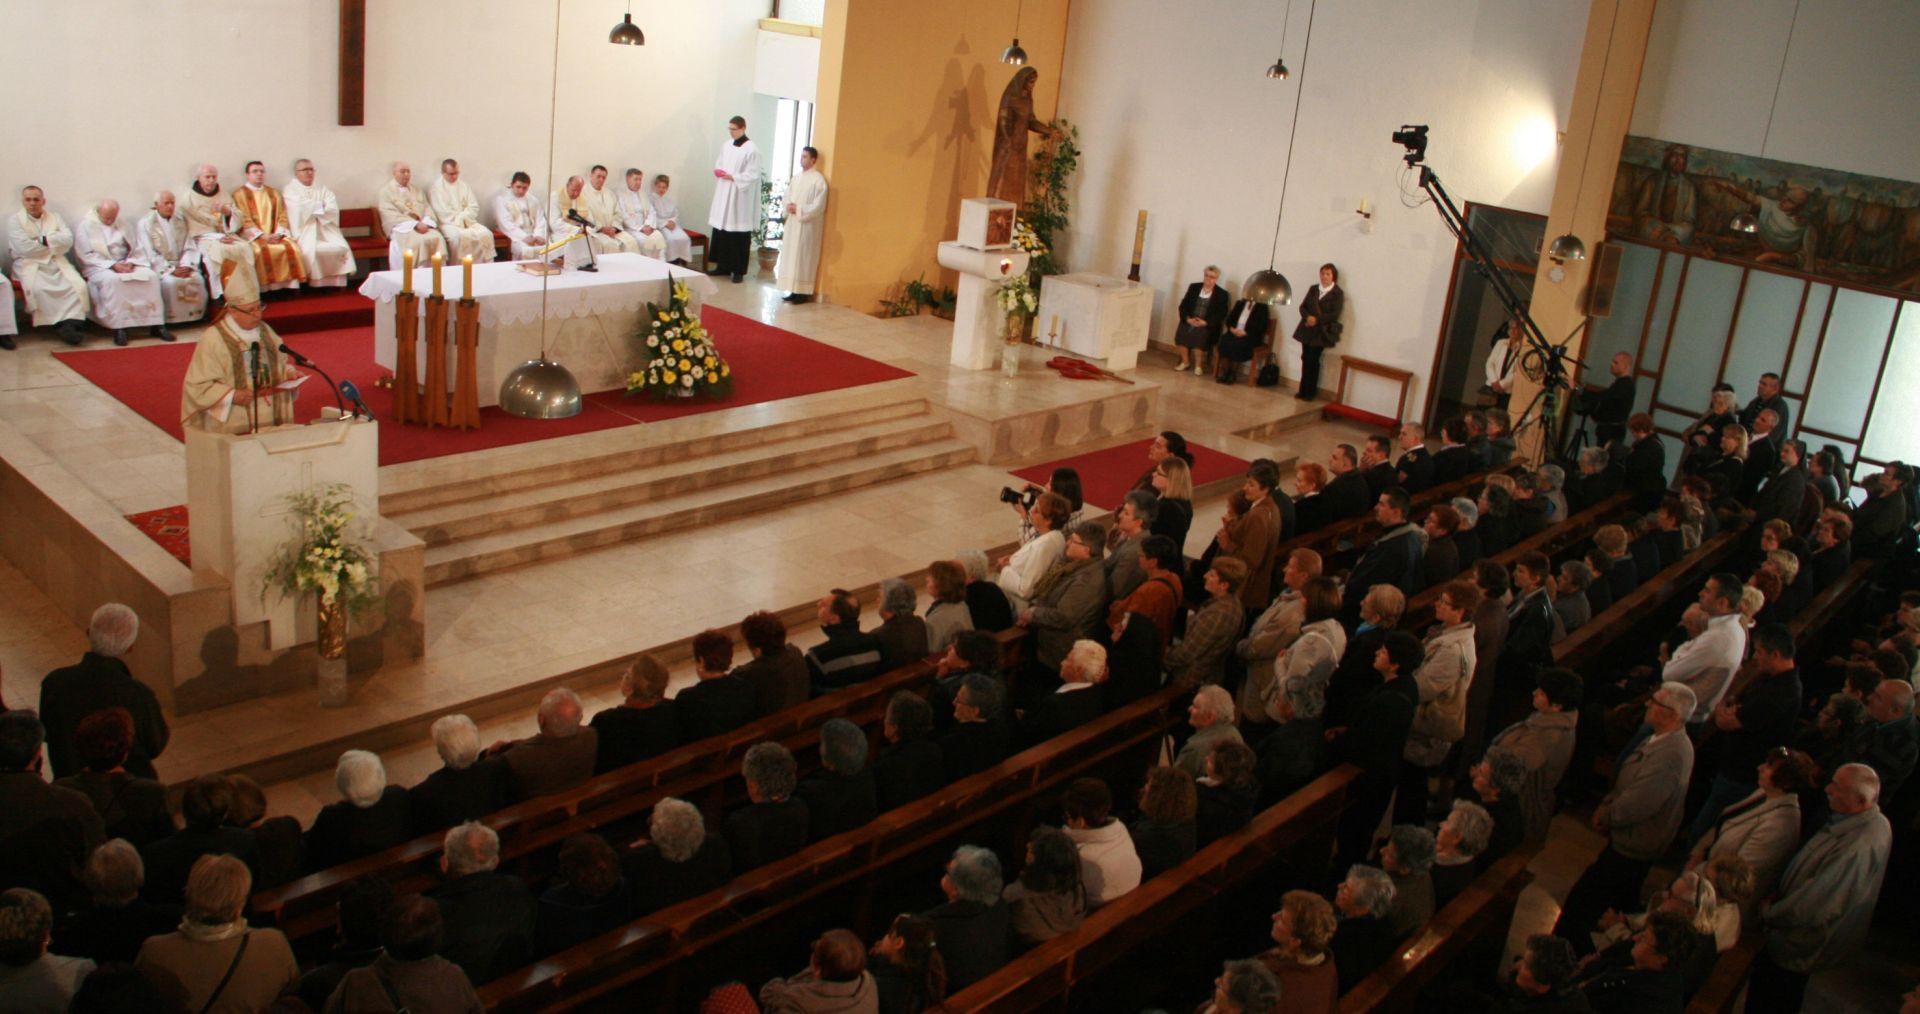 Blagdan svetog Josipa u Nacionalnog svetištu svetog Josipa u Karlovcu